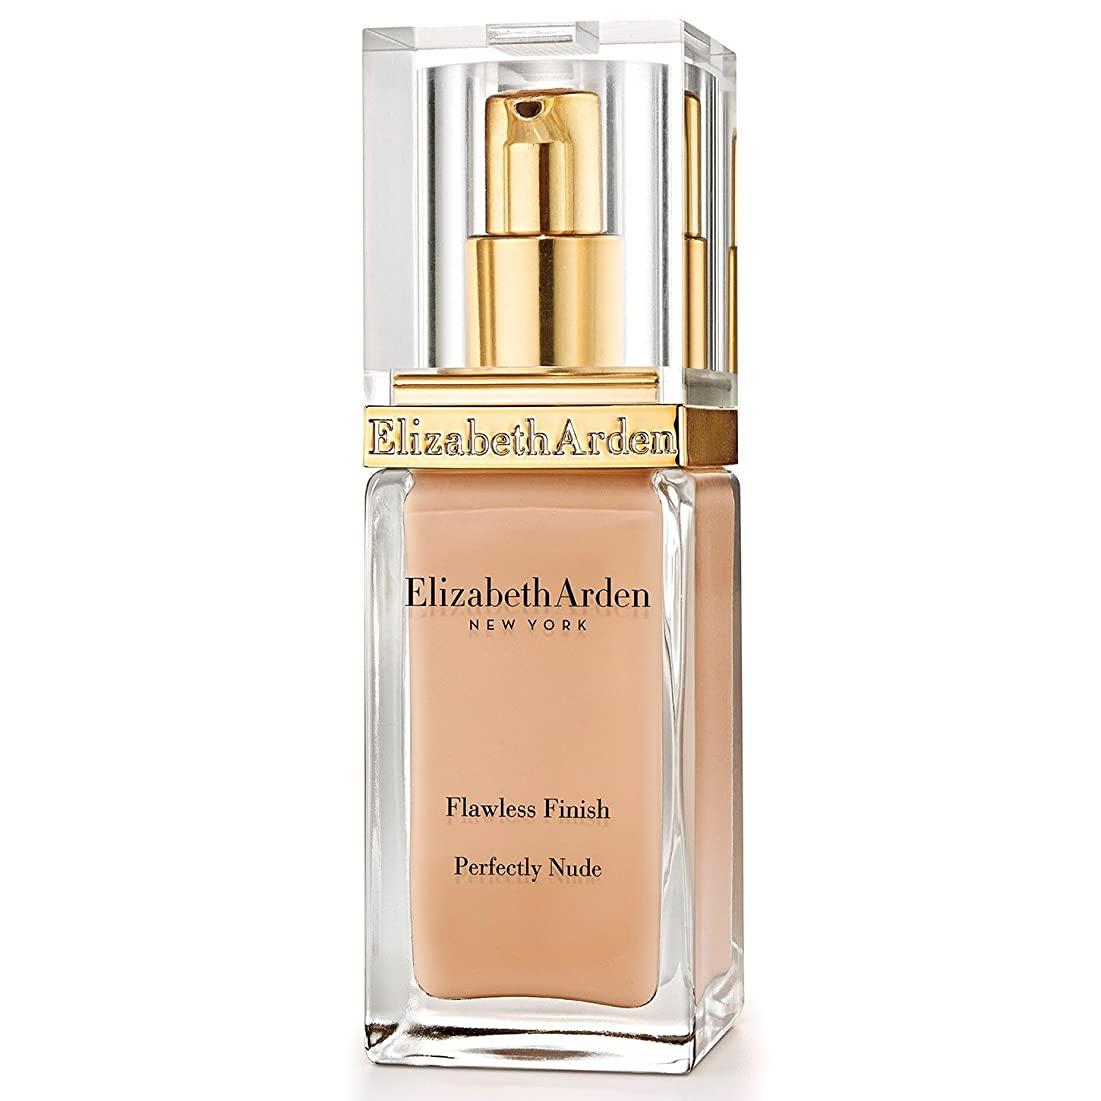 文献忌まわしい自殺Elizabeth Arden Flawless Finish Perfectly Nude Foundation SPF 15 Honey Beige - エリザベスは、完璧な仕上がり完璧ヌードファンデーション 15ハニーベージュをアーデン [並行輸入品]